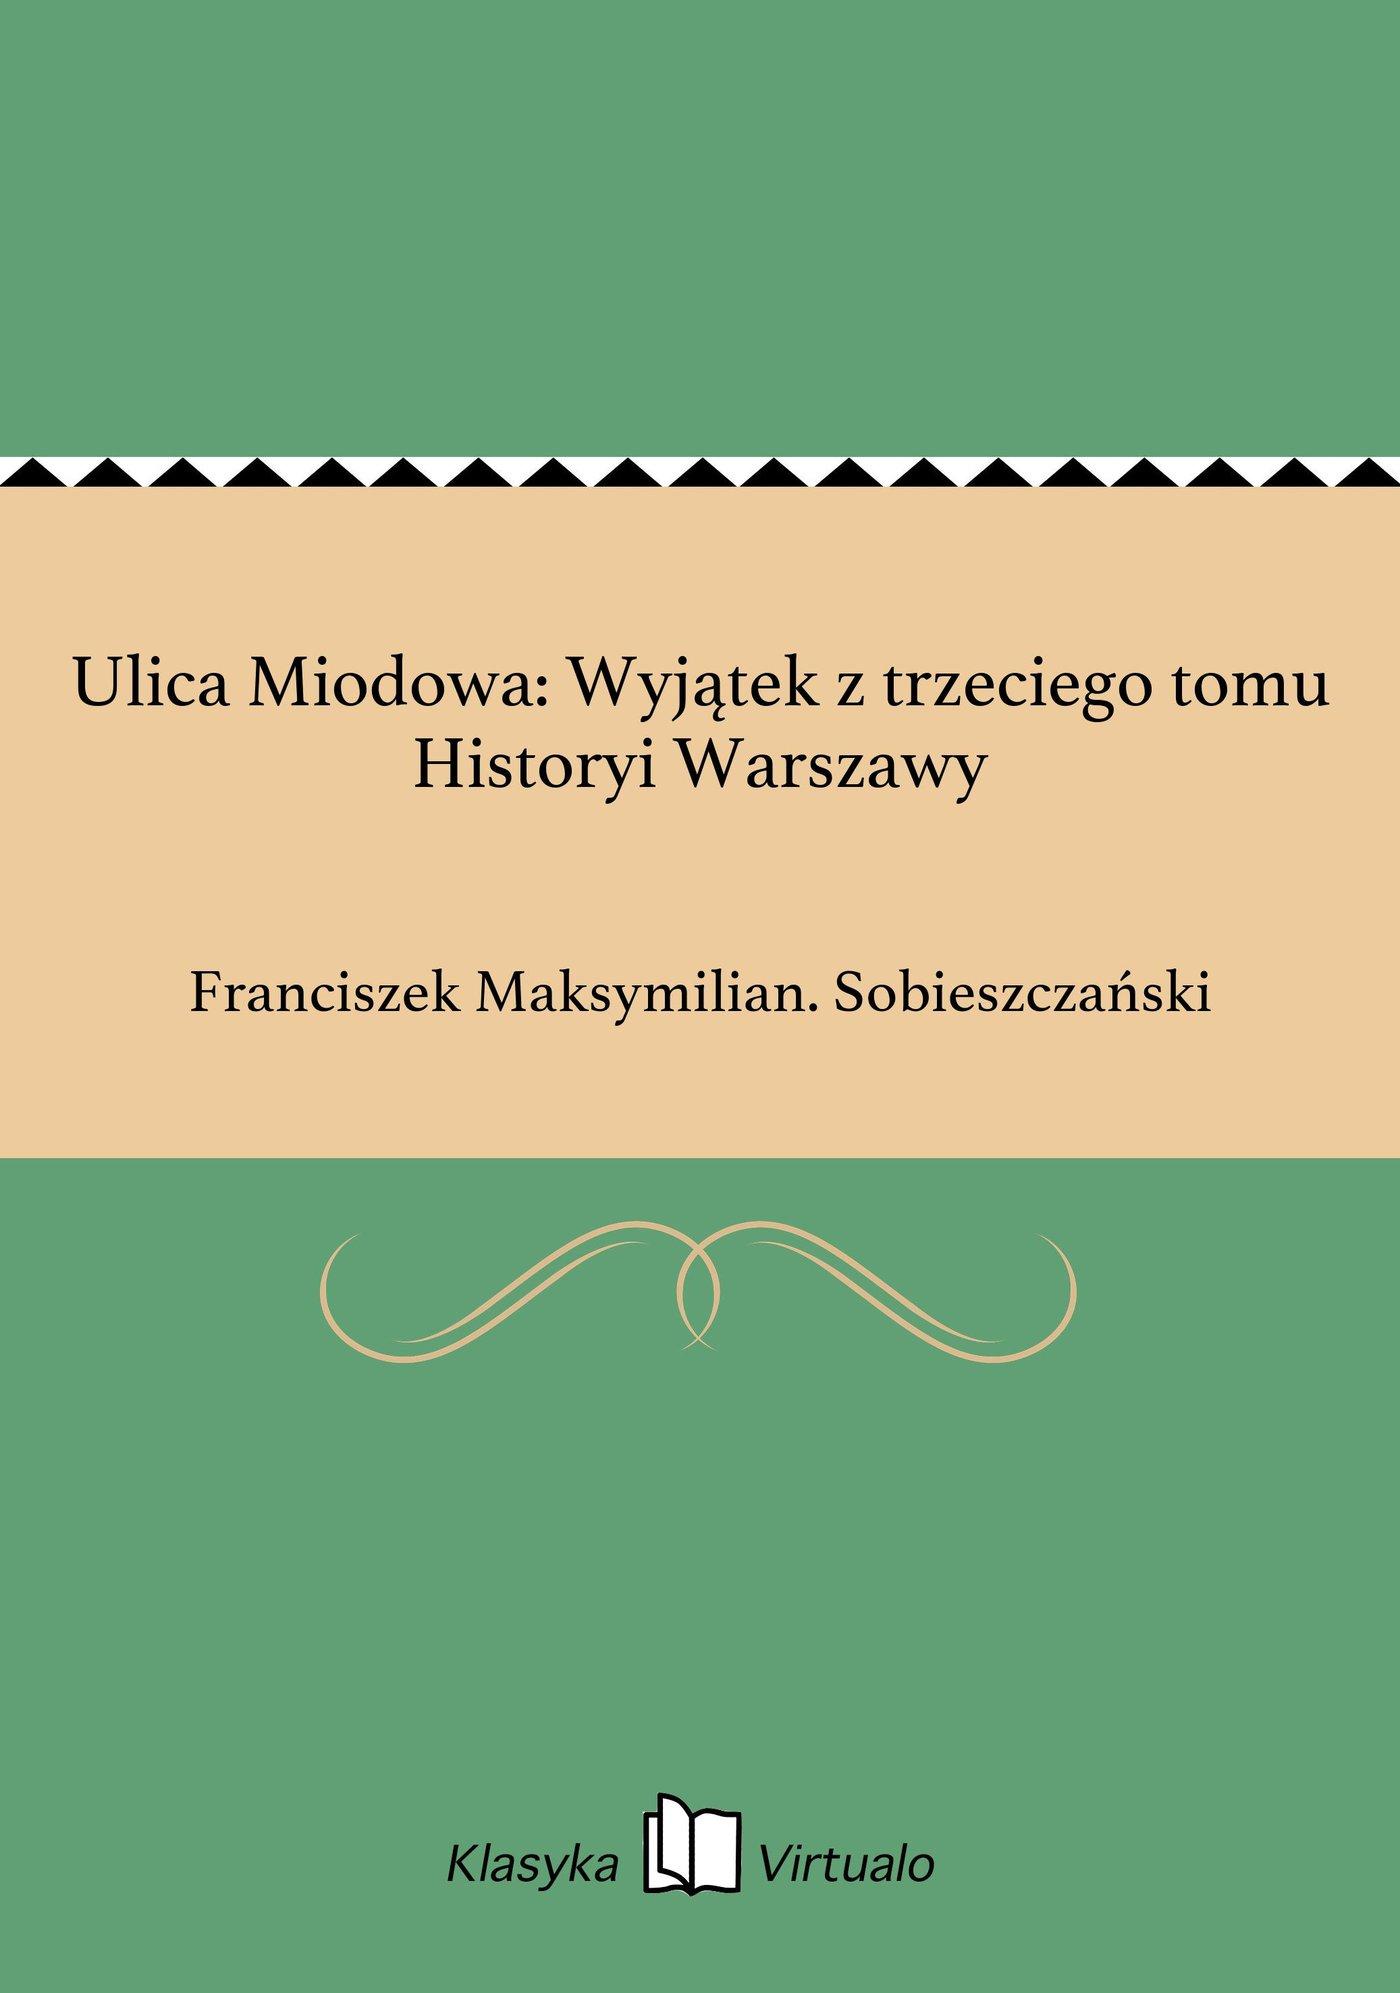 Ulica Miodowa: Wyjątek z trzeciego tomu Historyi Warszawy - Ebook (Książka EPUB) do pobrania w formacie EPUB